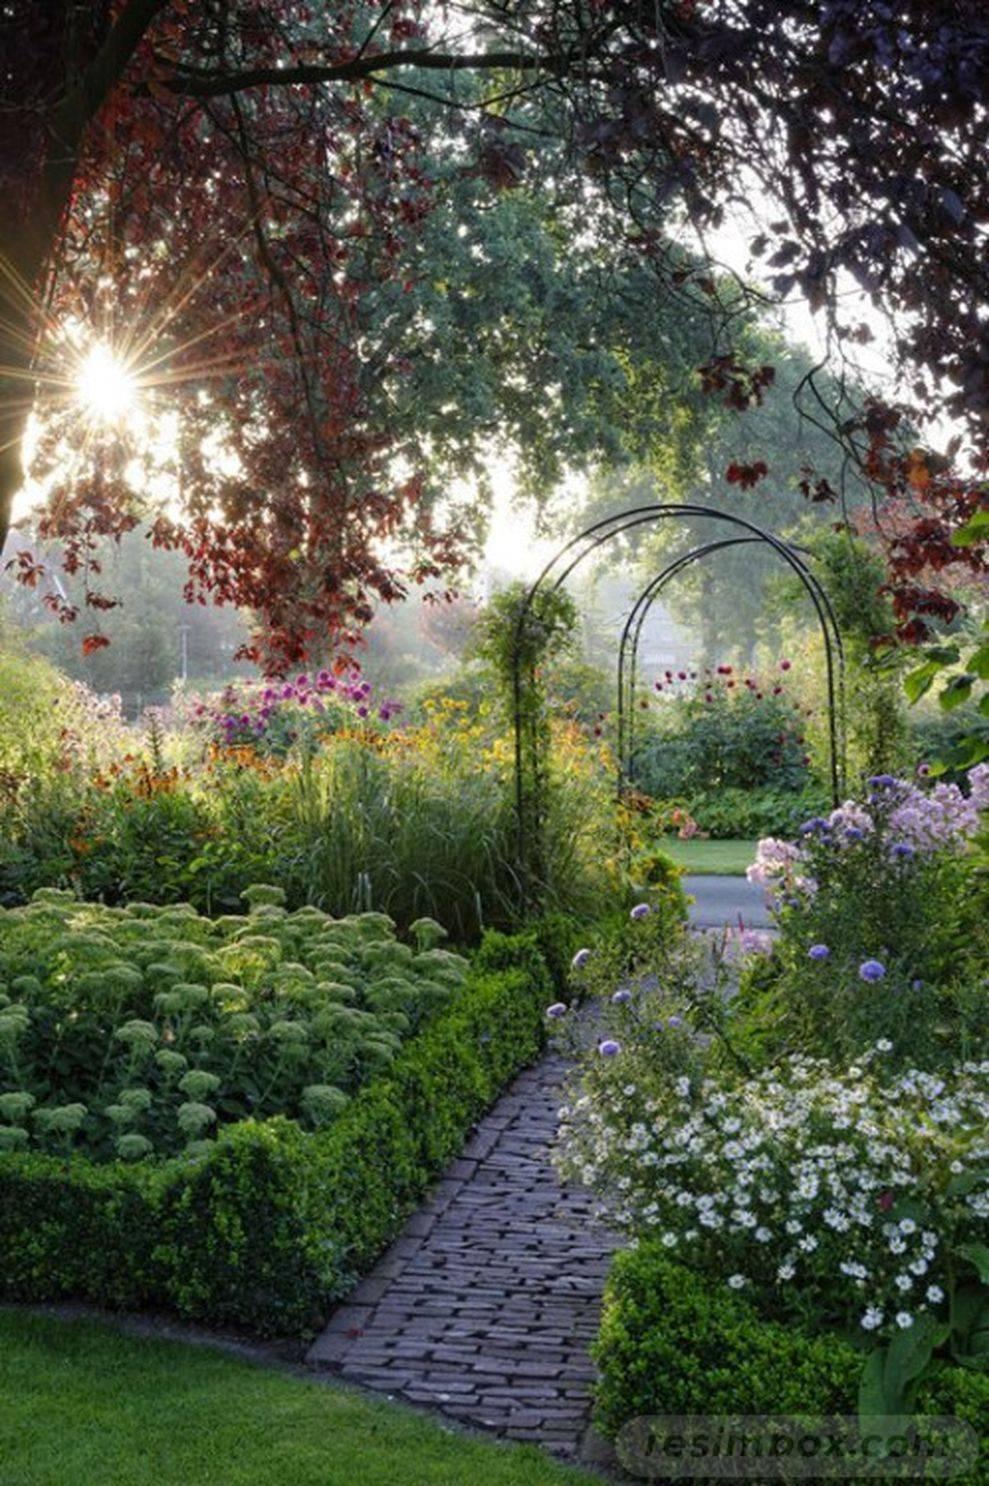 tropical garden ideas-Abi_MluZB-iAN5_5U0UM0CUw6suv4NZCdwrvSlxxMAcT_LhXZRlMIpI